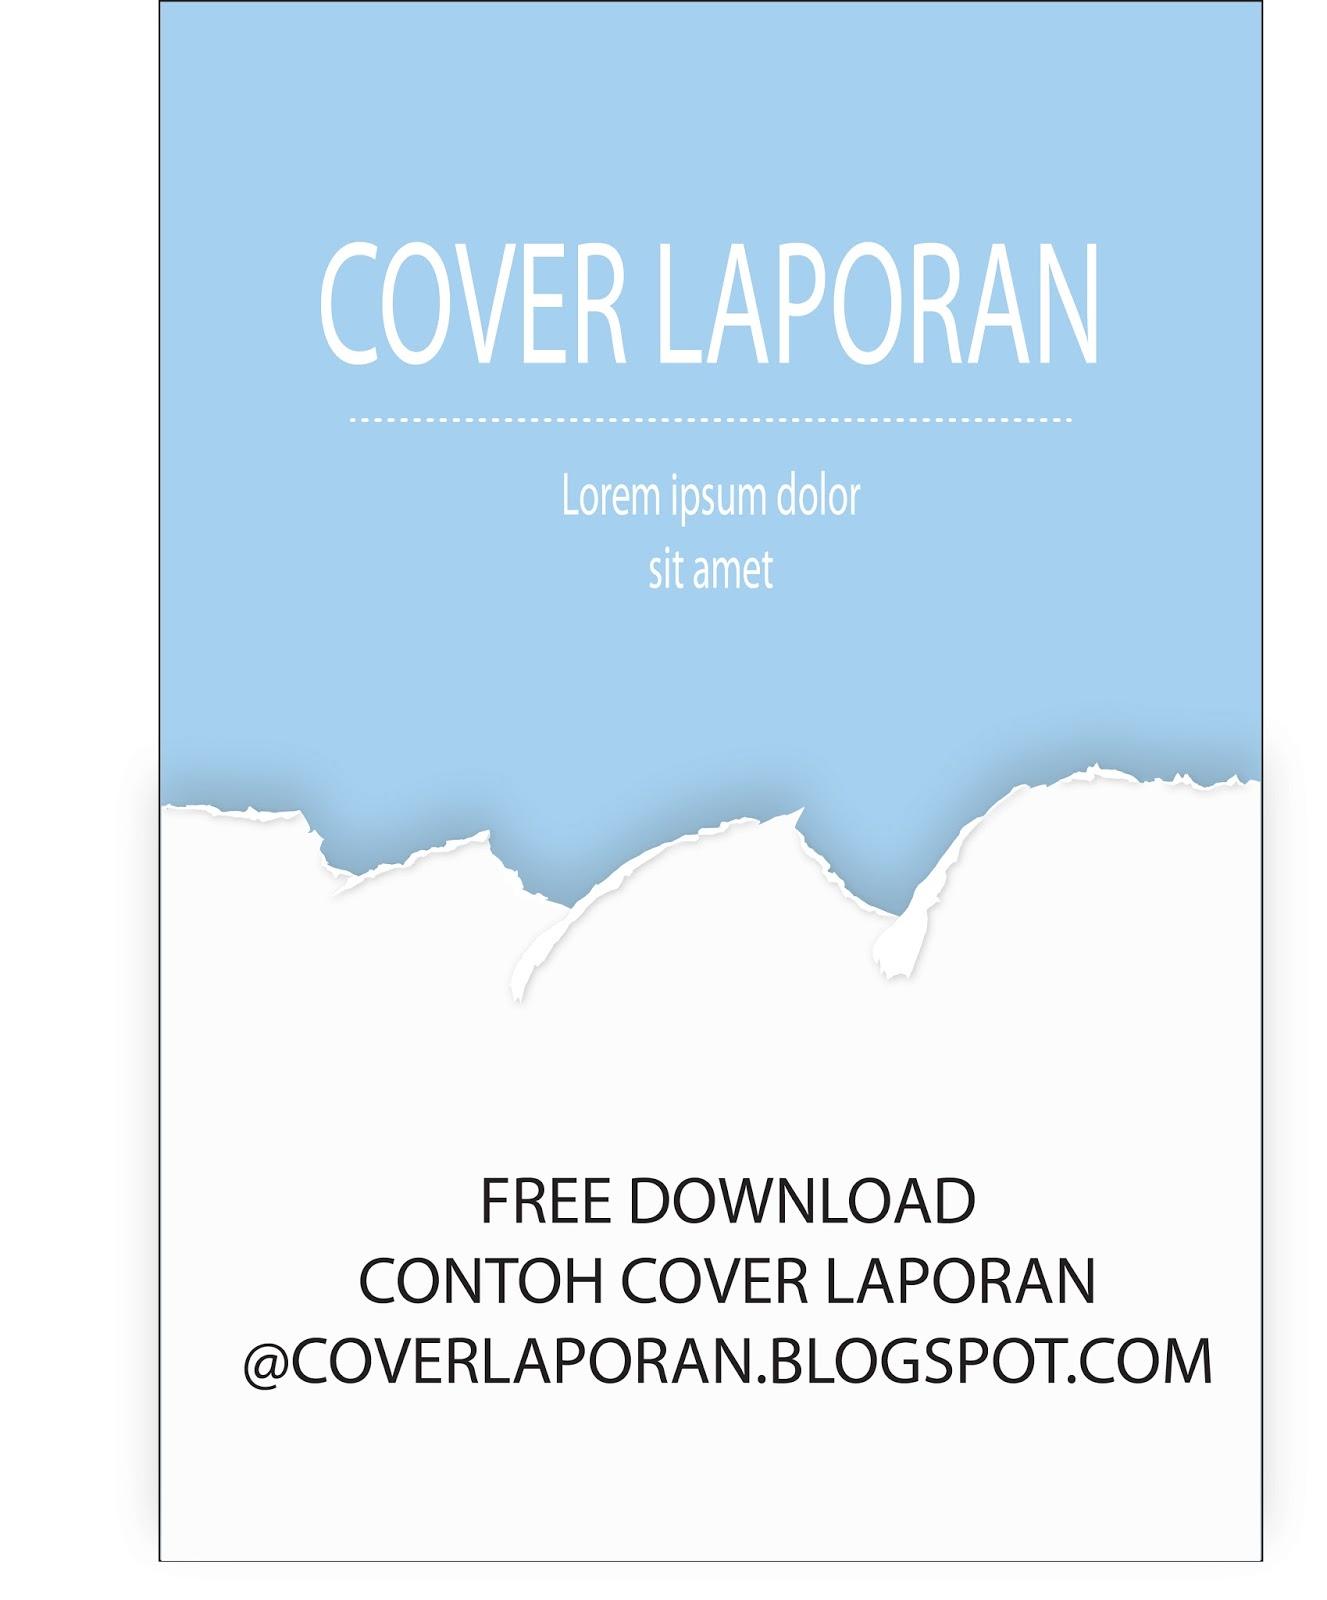 Download Cover Laporan Biru Putih Download Contoh Cover Laporan